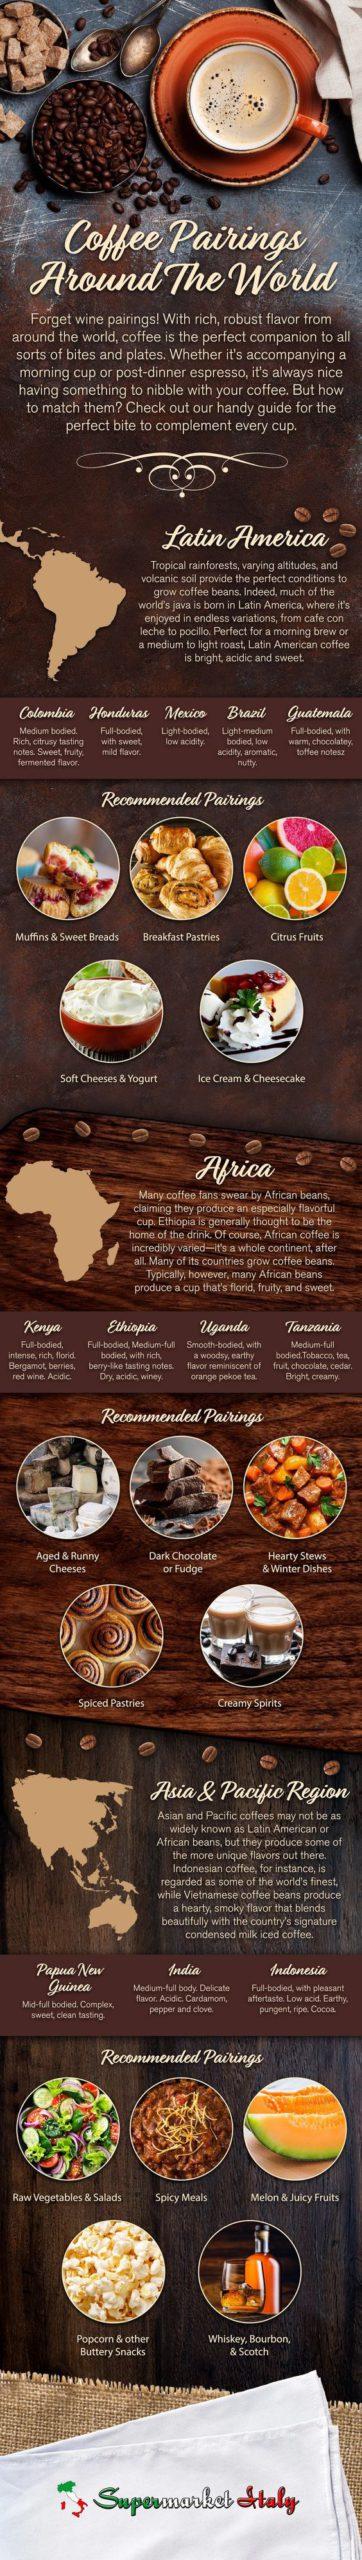 Coffee Pairings Around The World